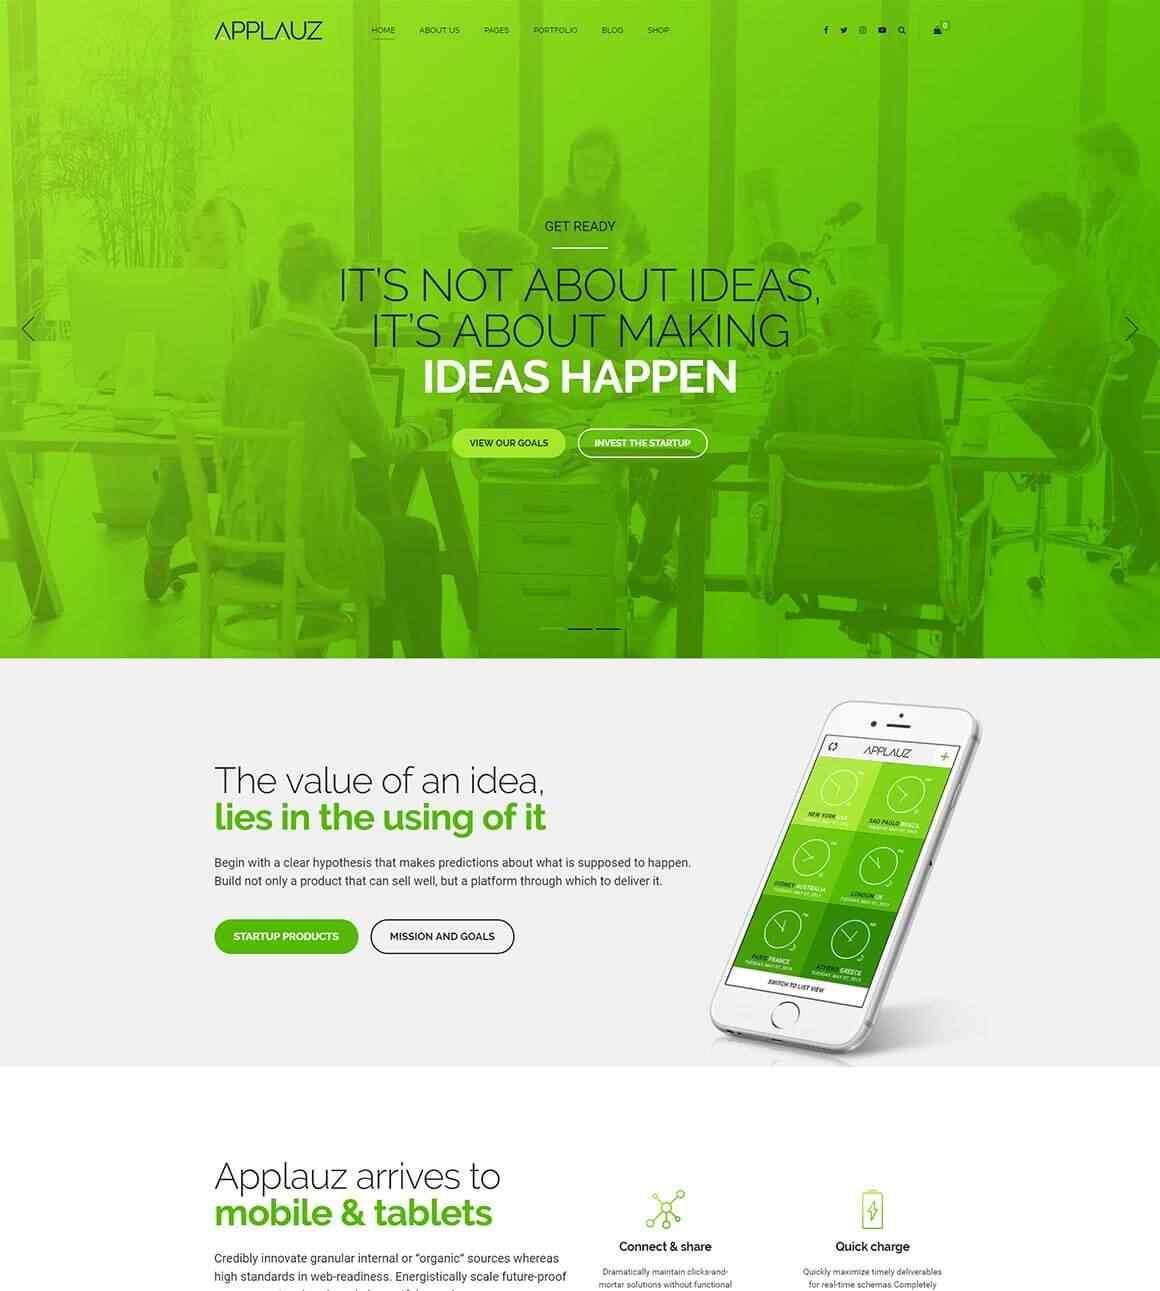 https://www.cscmobi.com/wp-content/uploads/2017/11/Screenshot-Startup.jpg